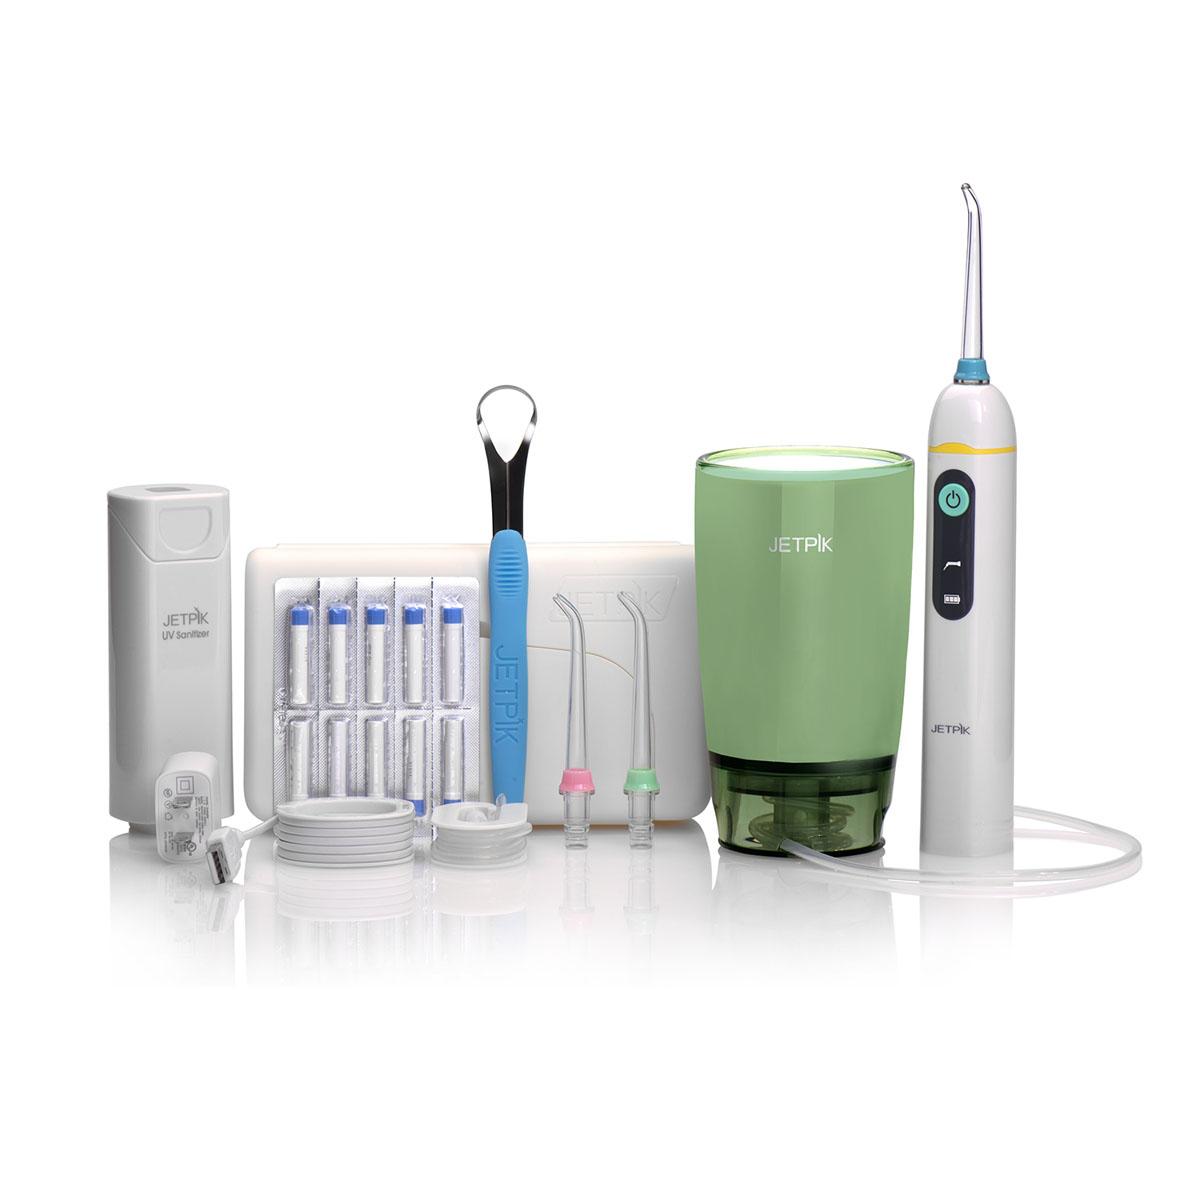 Ирригатор полости рта Jetpik JP50-UltraJA05-104-02Сочетает в себе очищающее действие зубной нити (смарт-флосса), воды и воздуха. Легкий в использовании, очень эффективный и экономит время. Здоровые десны и чистые зубы уже через 7 дней. Клинически доказано, что удаляет до 99% зубного налета Инновационная комбинация давления воды и пульсирующей флосс- системы (20-25 колебания в сек) удаляет остатки пищи глубже и быстрее, между зубами и ниже линии десен, в труднодоступных местах вокруг брекетов, между зубными имплантатами и коронками. Пульсирующая под давлением воды смарт флосс- система создает дополнительную силу трения. Лабораторно доказано что JETPIK на 240% более эффективно удаляет зубной налет и биопленку, чем обычные водные ирригаторы. Эффективный, безопасный и простой в использовании. Идеально подходит для тех, кто с имплантатами, коронками, брекет-системами, мостовидными протезами, пародонтальными карманами. Портативный и компактный - по размерам не больше электрической зубной щетки, благодаря встроенной литиевой батарее заряжается как мобильный телефон через базовое зарядное устройство или USB разъем. Как жидкость для ирригации можно использовать не только воду, но и лечебные растворы. Удобный специальный стакан JETPIK или любая емкость подойдет как резервуар, благодаря портативной силиконовой клипсе JETPIK, которая идет в комплекте с набором. Уникальное дезинфицирующее средство, чтобы уничтожить бактерии на зубной щетке и насадках (UV санитайзер). Мощность 200-550 кПа.